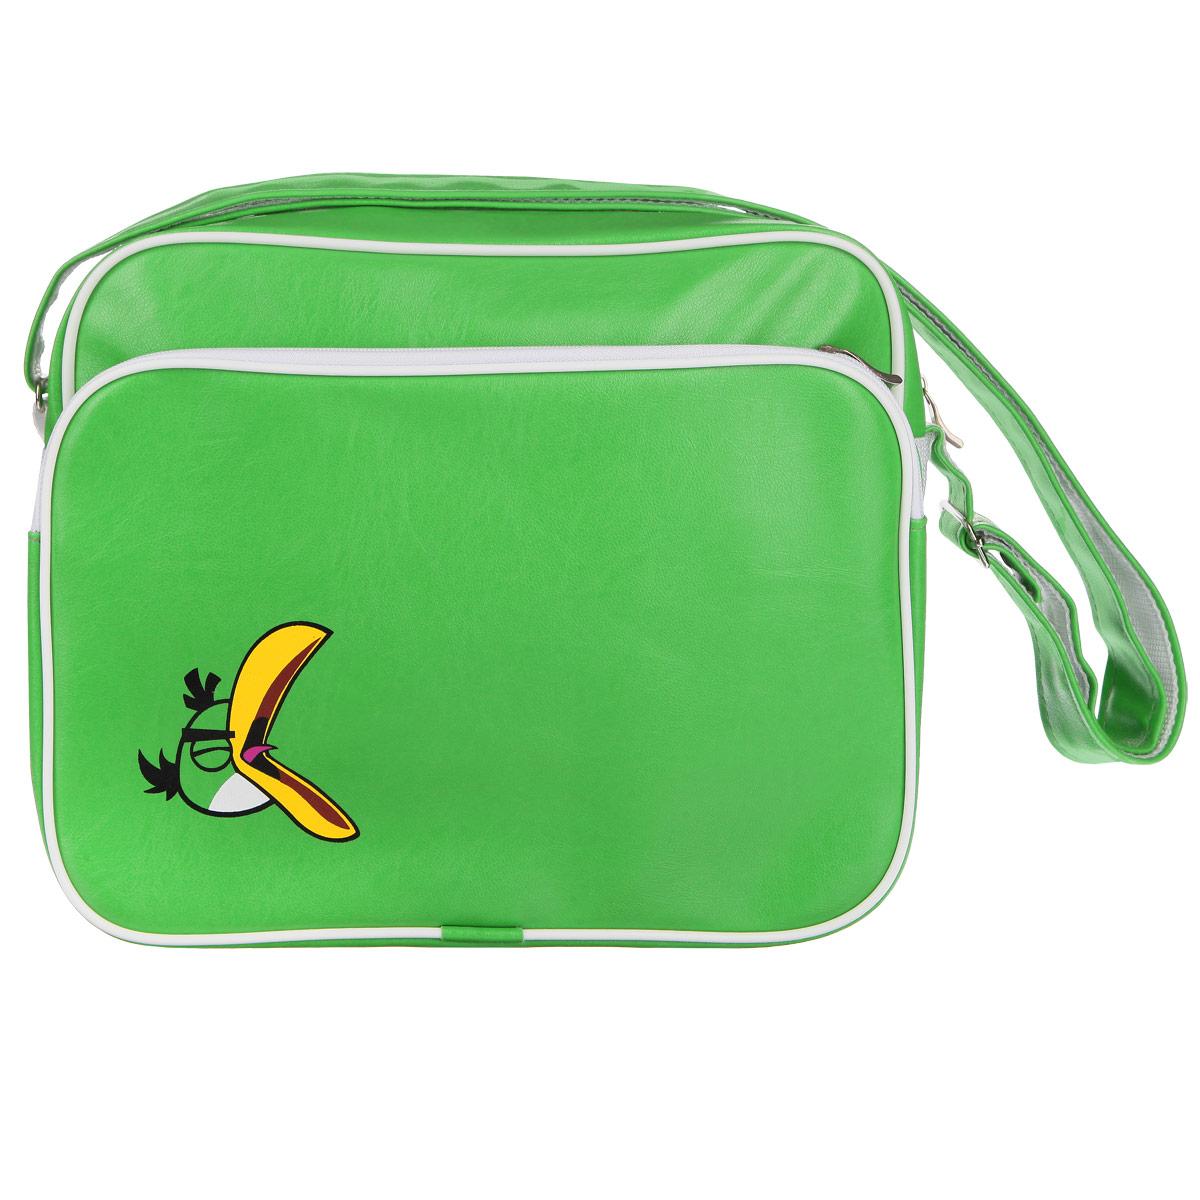 Сумка Angry Birds Зеленая птица, цвет: зеленый. 8481484814Молодежная сумка Angry Birds Зеленая птица сочетает в себе современный дизайн, функциональность и долговечность.Она выполнена из искусственной кожи и оформлена изображением одного из героев знаменитой игры Angry Birds - зеленой птицы.Сумка имеет одно вместительное отделение, разделенное пополам карманом-средником на молнии. Закрывается сумка на застежку-молнию. С внешней стороны расположен вместительный накладной карман на молнии, внутри которого - накладной карман и четыре держателя для авторучек.С задней стороны сумки находится вшитый карман на молнии.Сумка оснащена плечевым ремнем регулируемой длины, максимальная длина - 128 см, минимальная - 48 см. С внешней стороны ремень изготовлен из искусственной кожи, с внутренней - из плотного полиэстера.